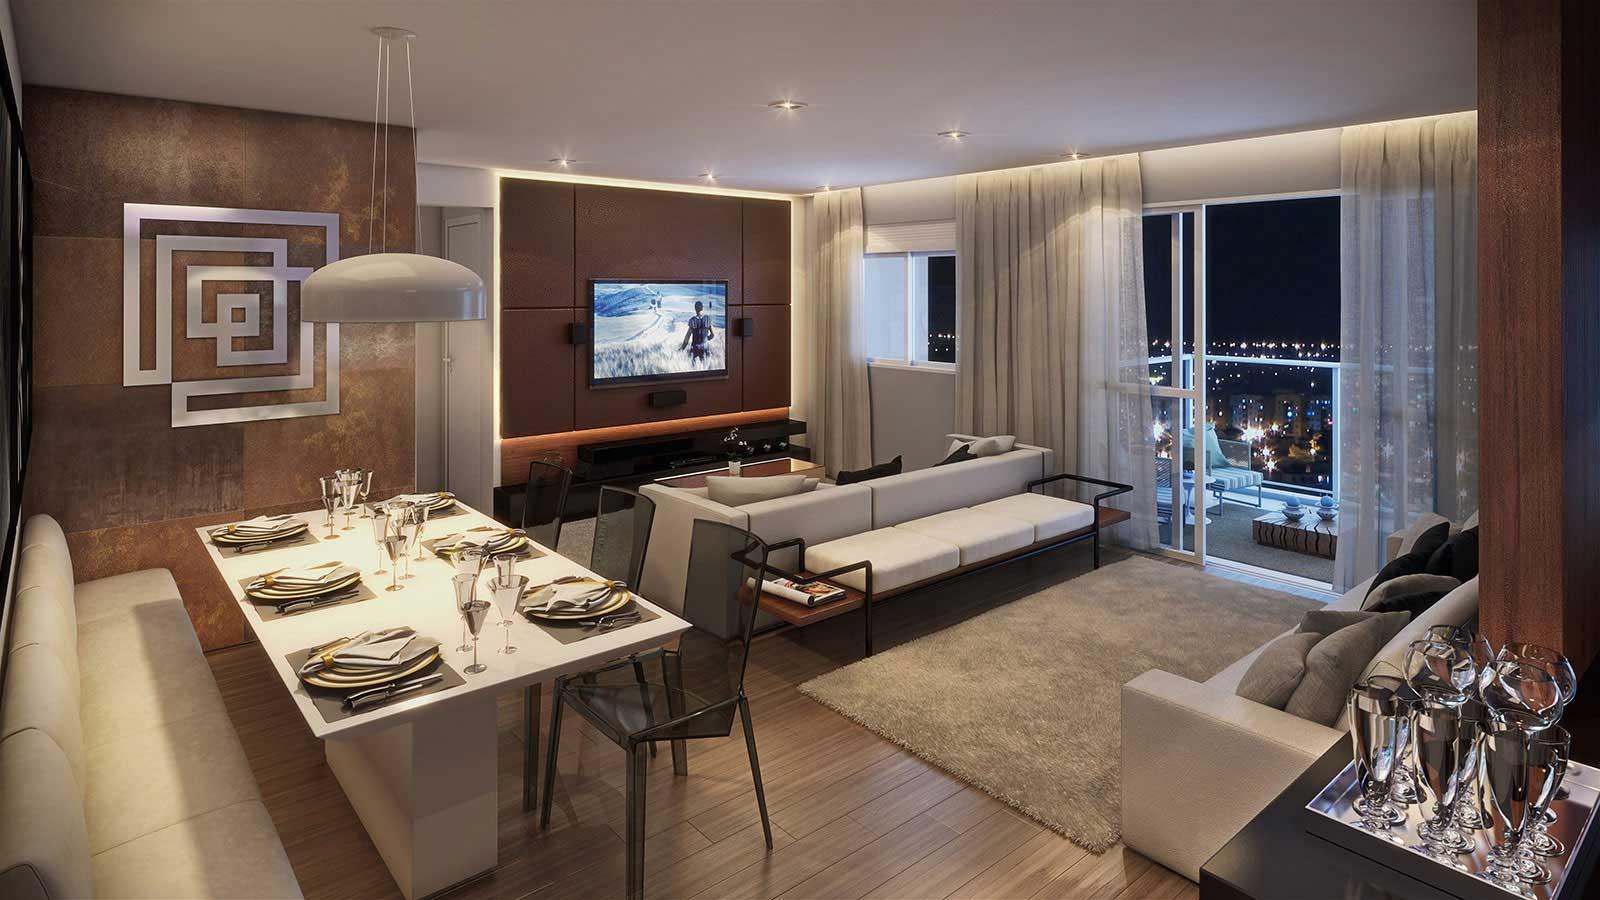 perspectiva-artistica-do-living-de-3-dormitorios